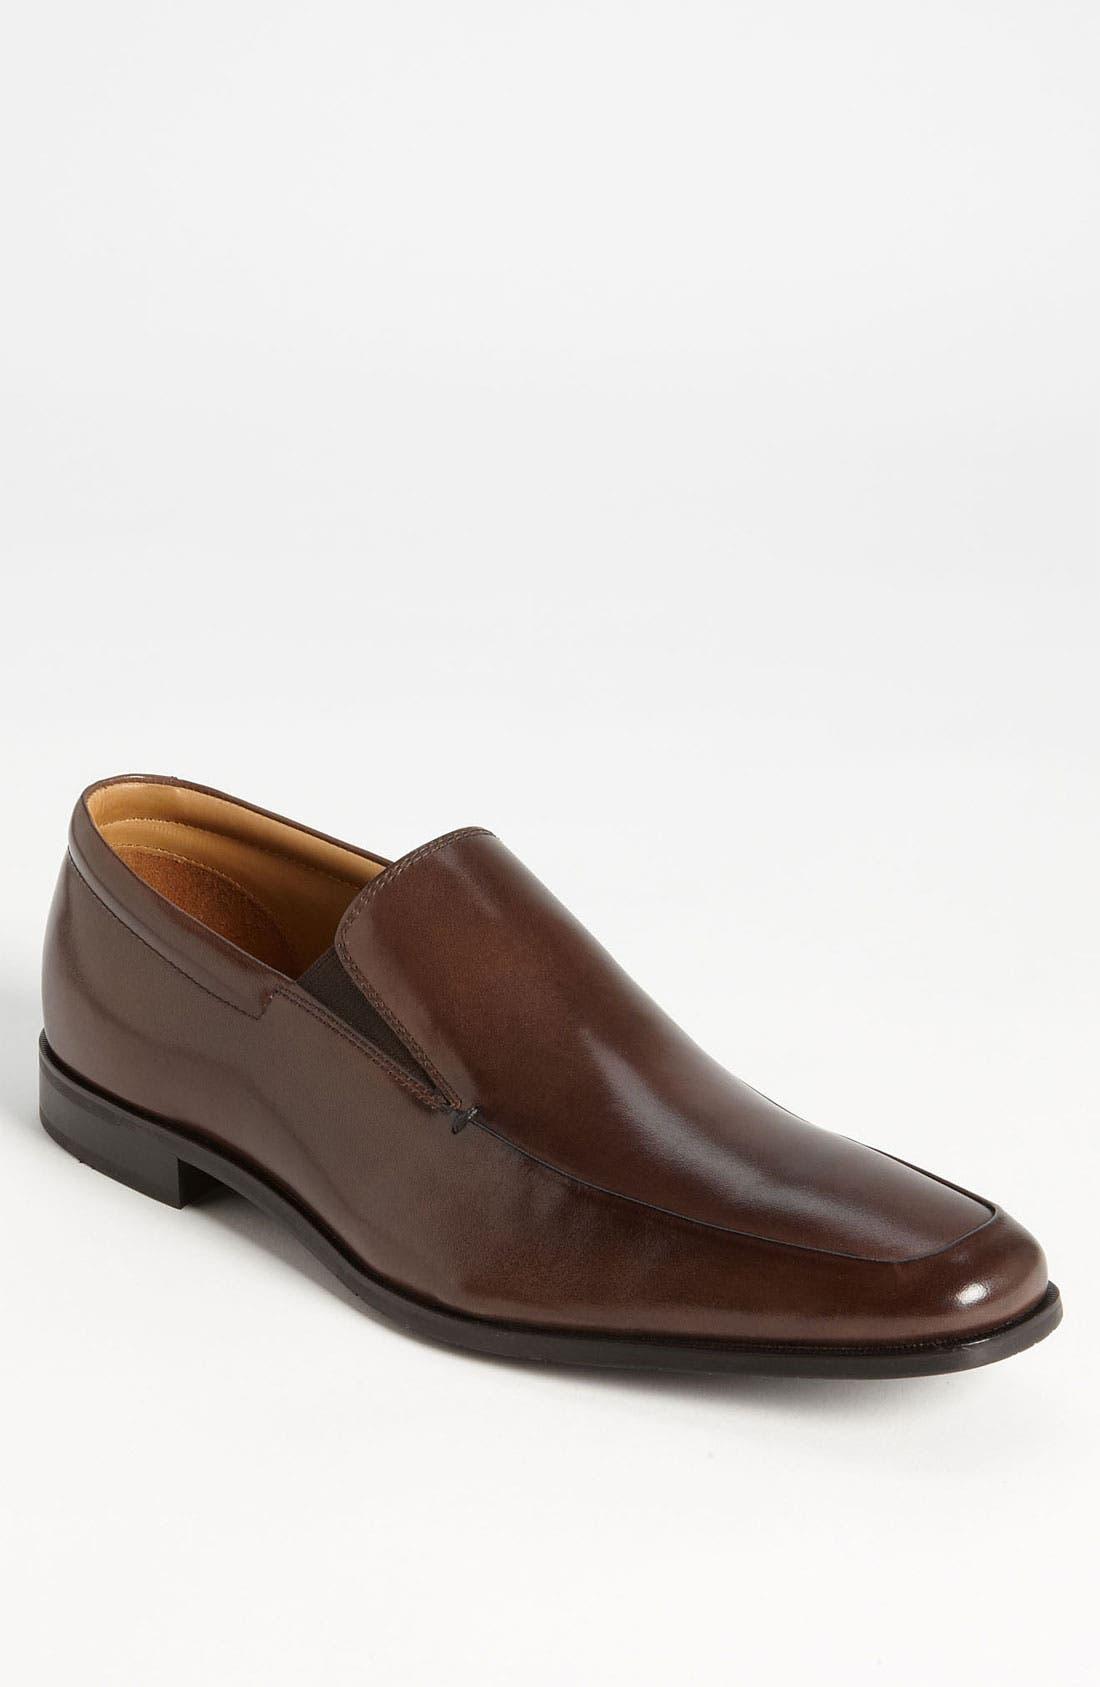 Gordon Rush 'Elliot' Venetian Loafer